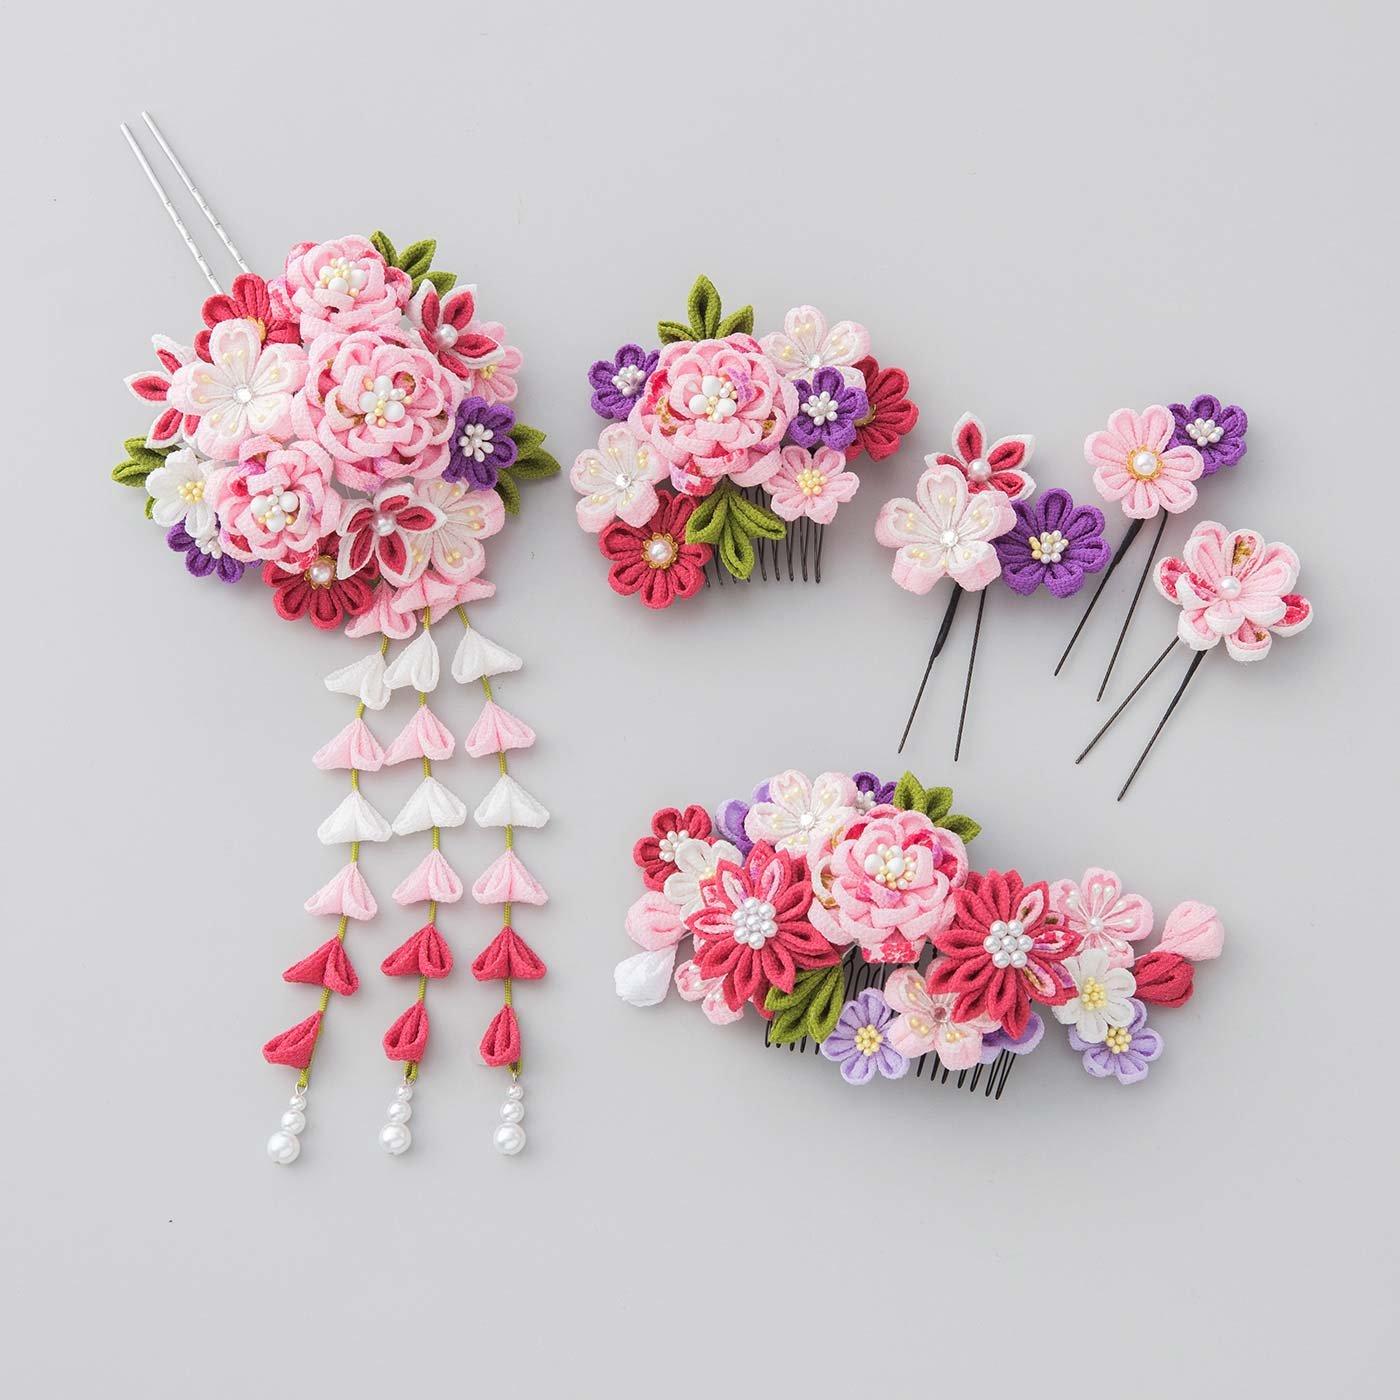 【WEB限定 3回分一括購入】晴れの日に華を添える つまみ細工の髪飾り〈桃色〉